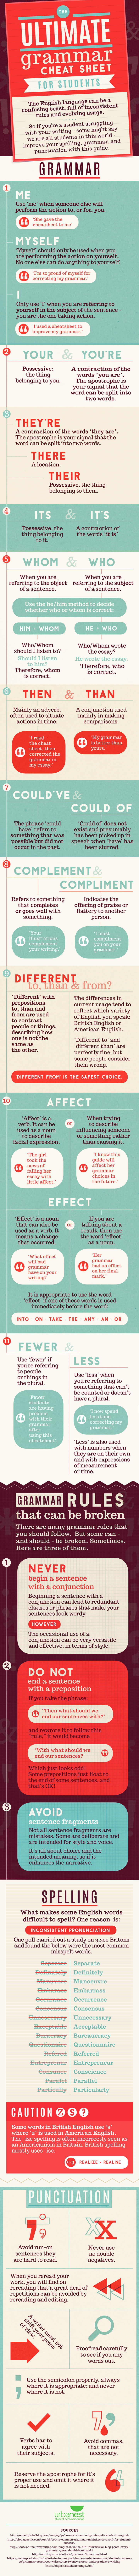 grammar-cheat-sheet-infographic.jpg